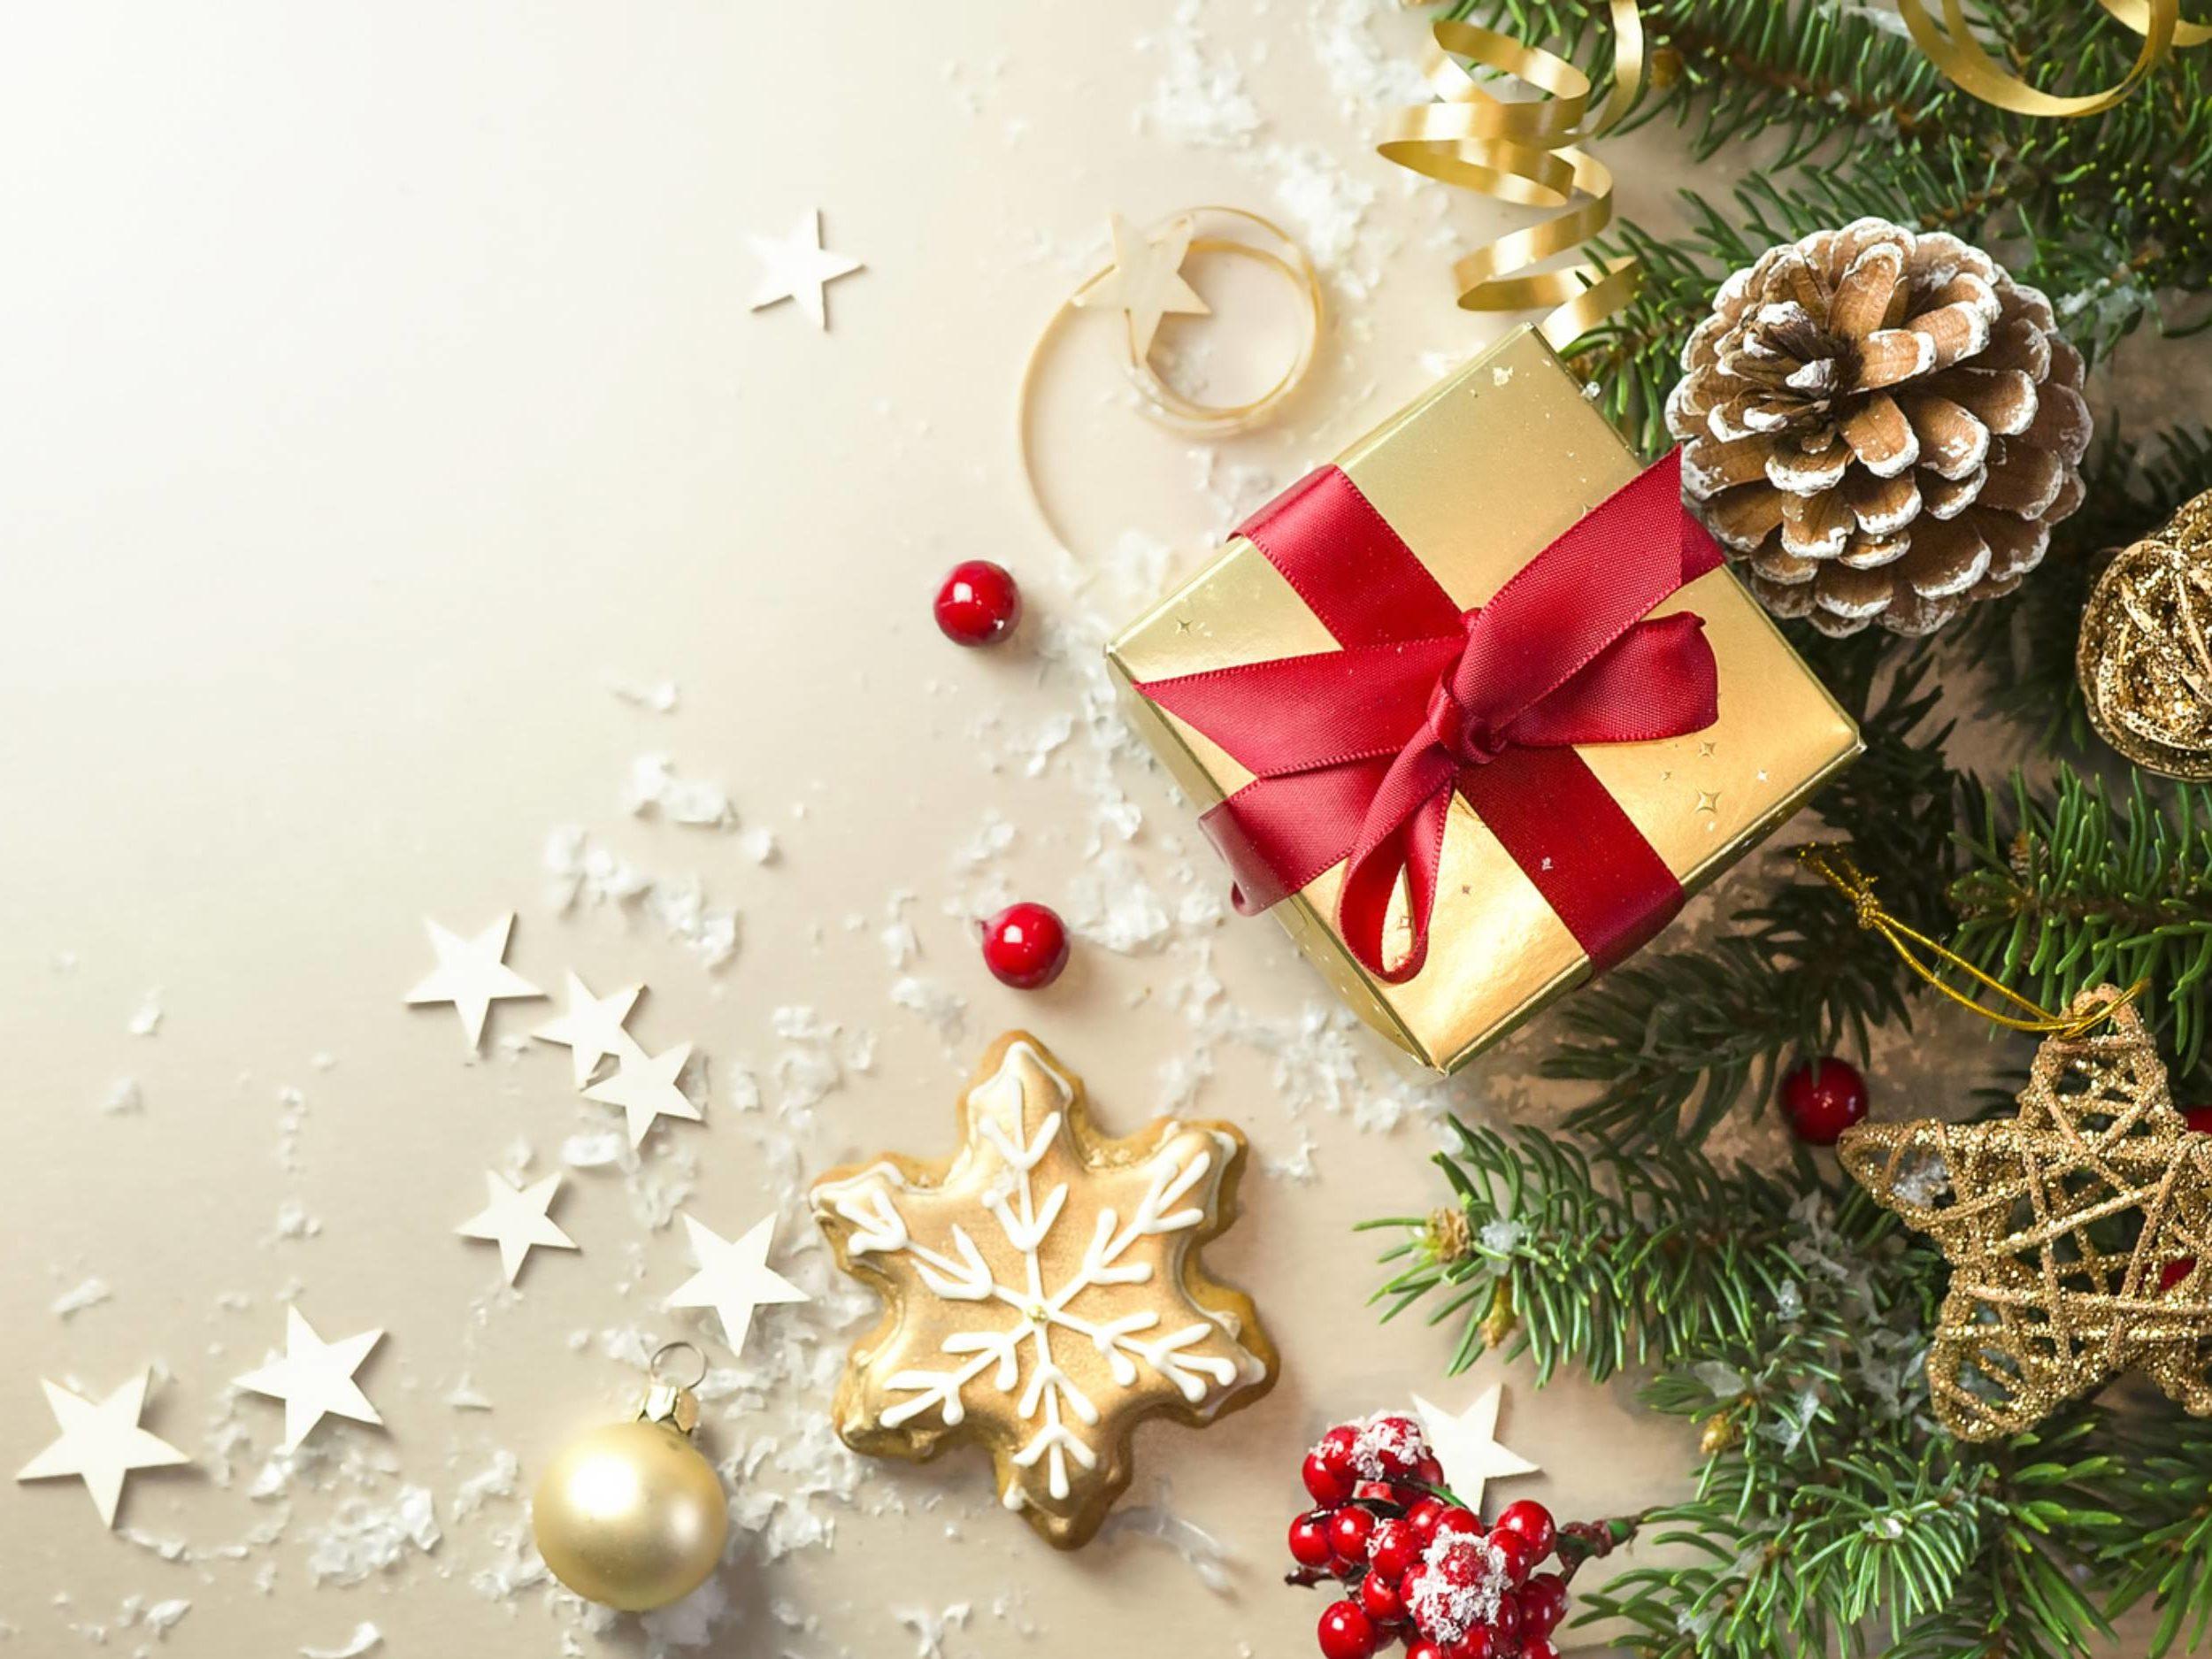 Bis Wann Bleibt Der Weihnachtsbaum Stehen.Als Der Weihnachtsbaum In Die Stuben Kam Gartenflora